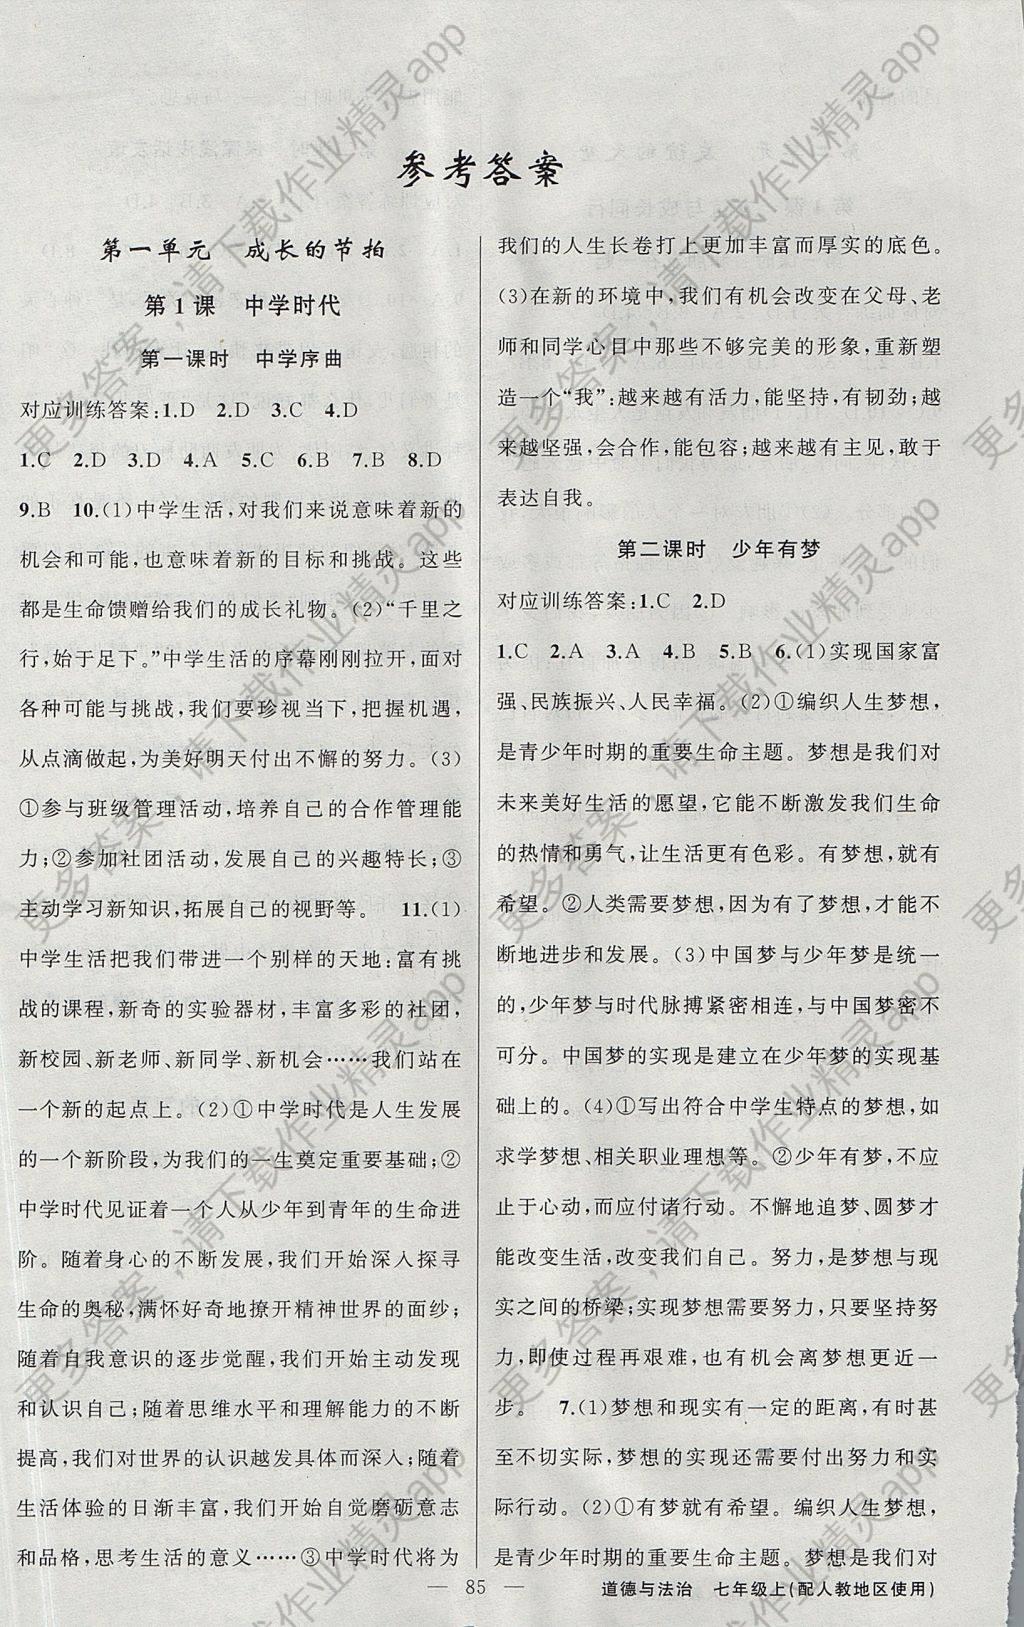 2017年黄冈金牌之路练闯考七年级道德与法治上册人教版 参考答案